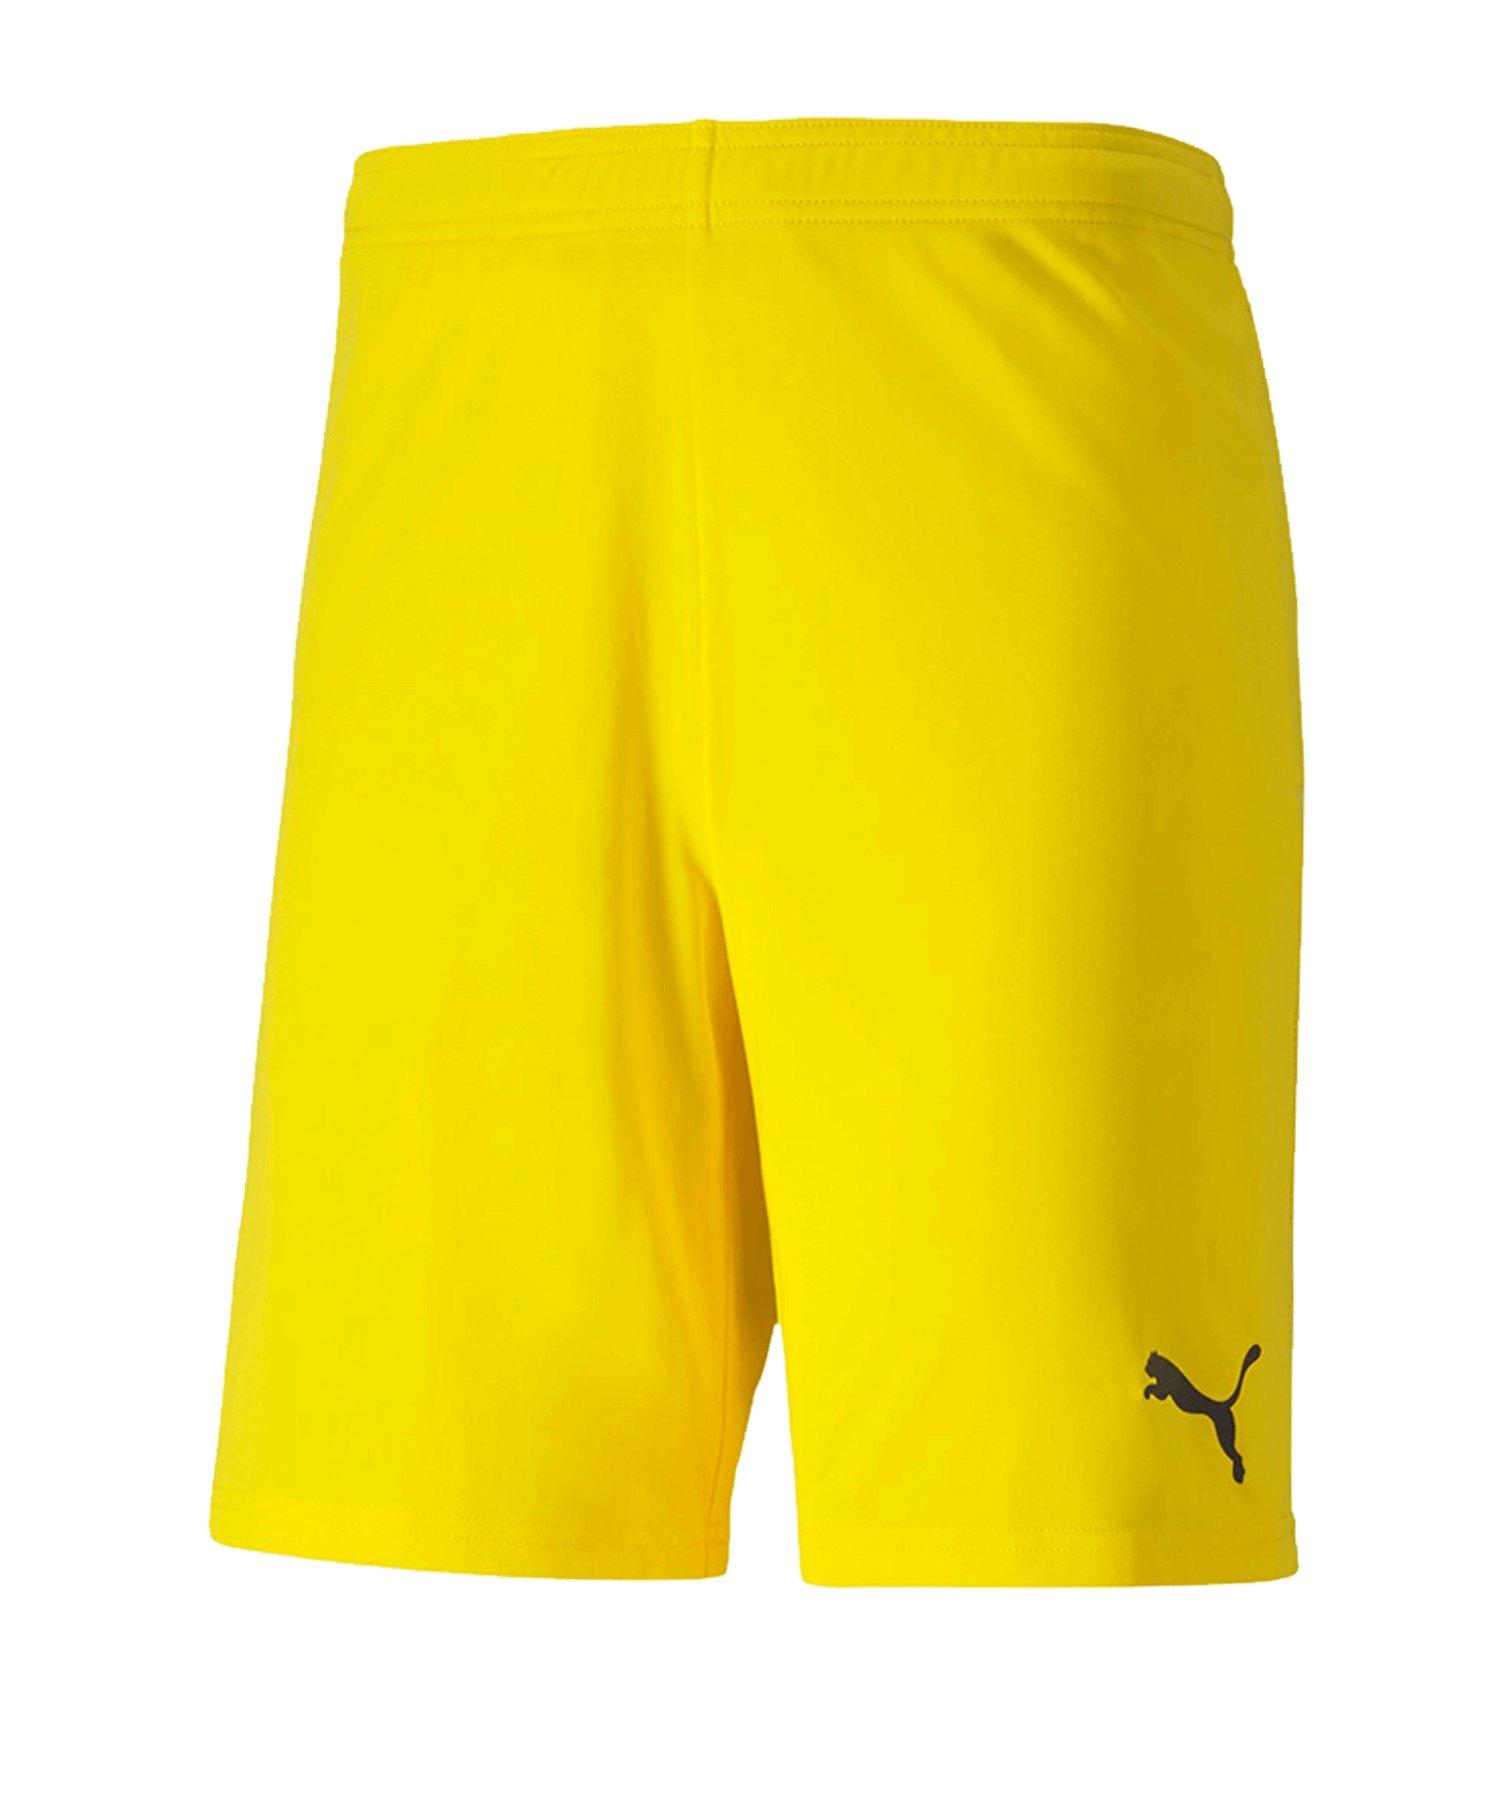 PUMA teamGOAL 23 Knit Short Gelb F07 - gelb